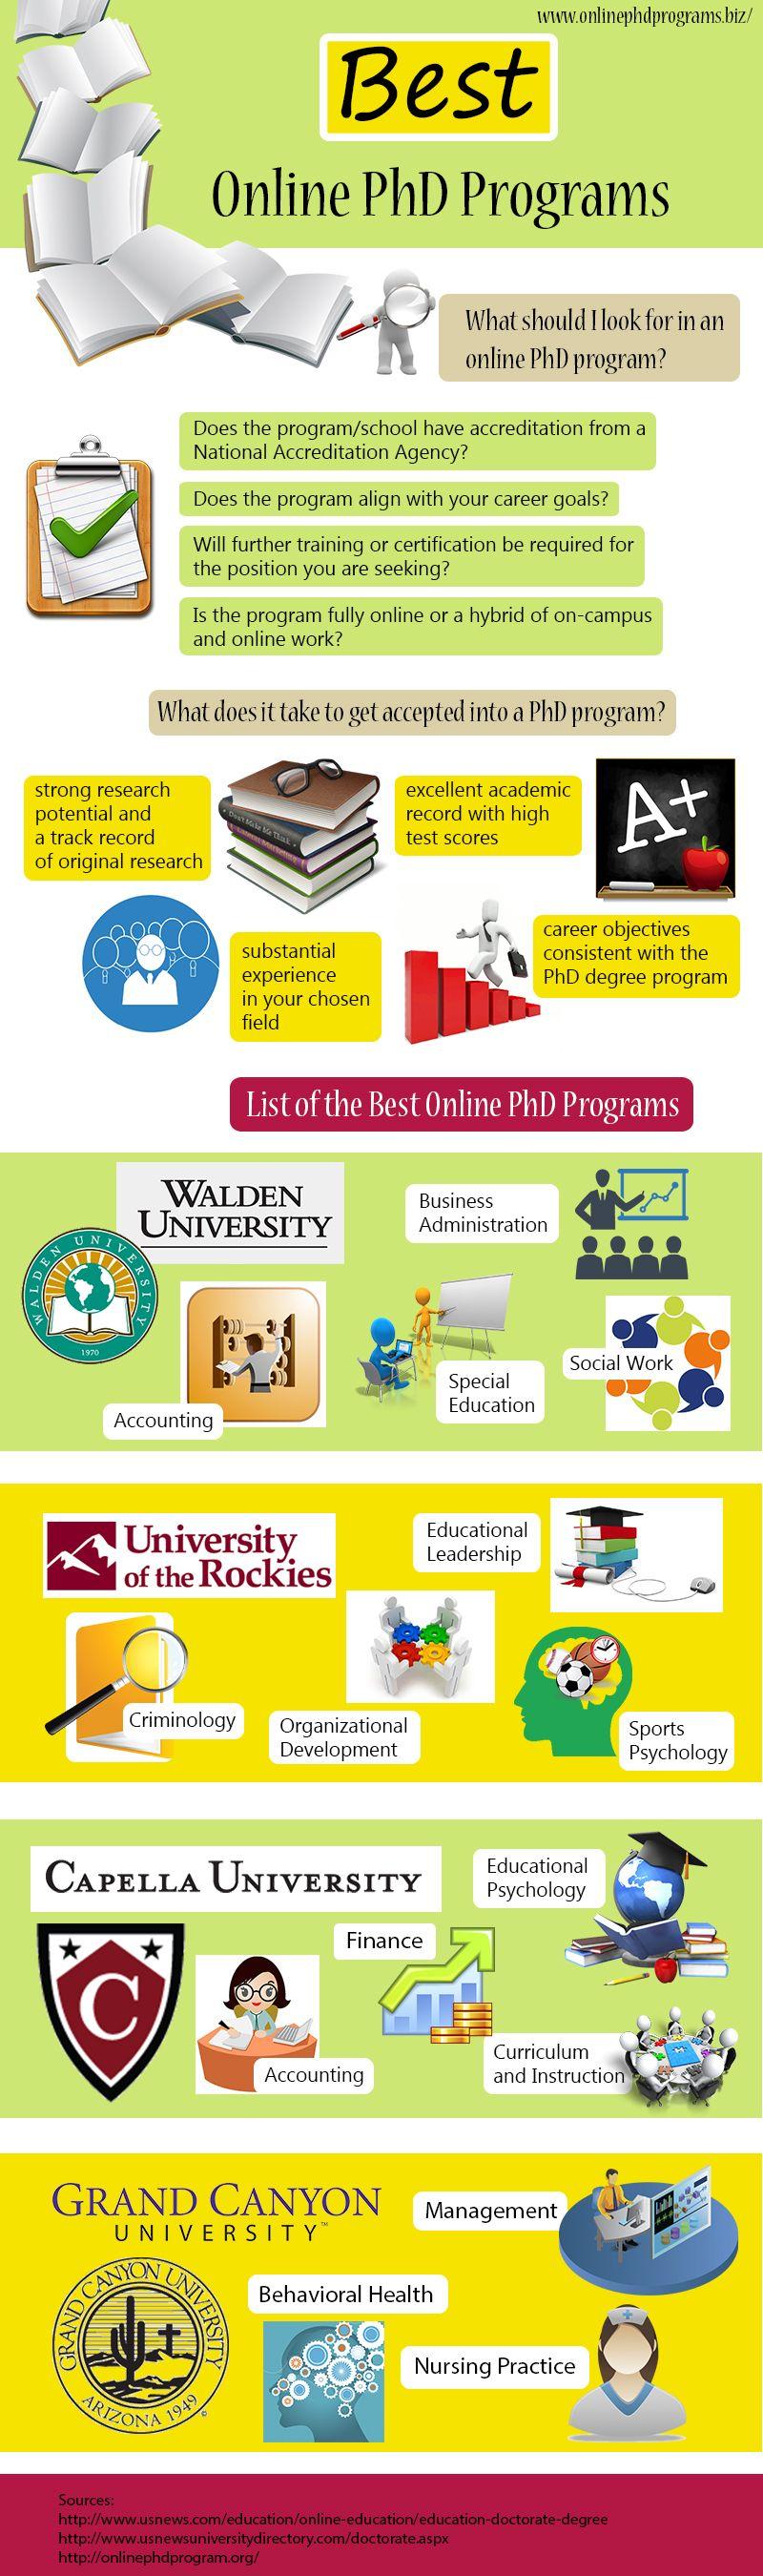 Best Online PhD Programs